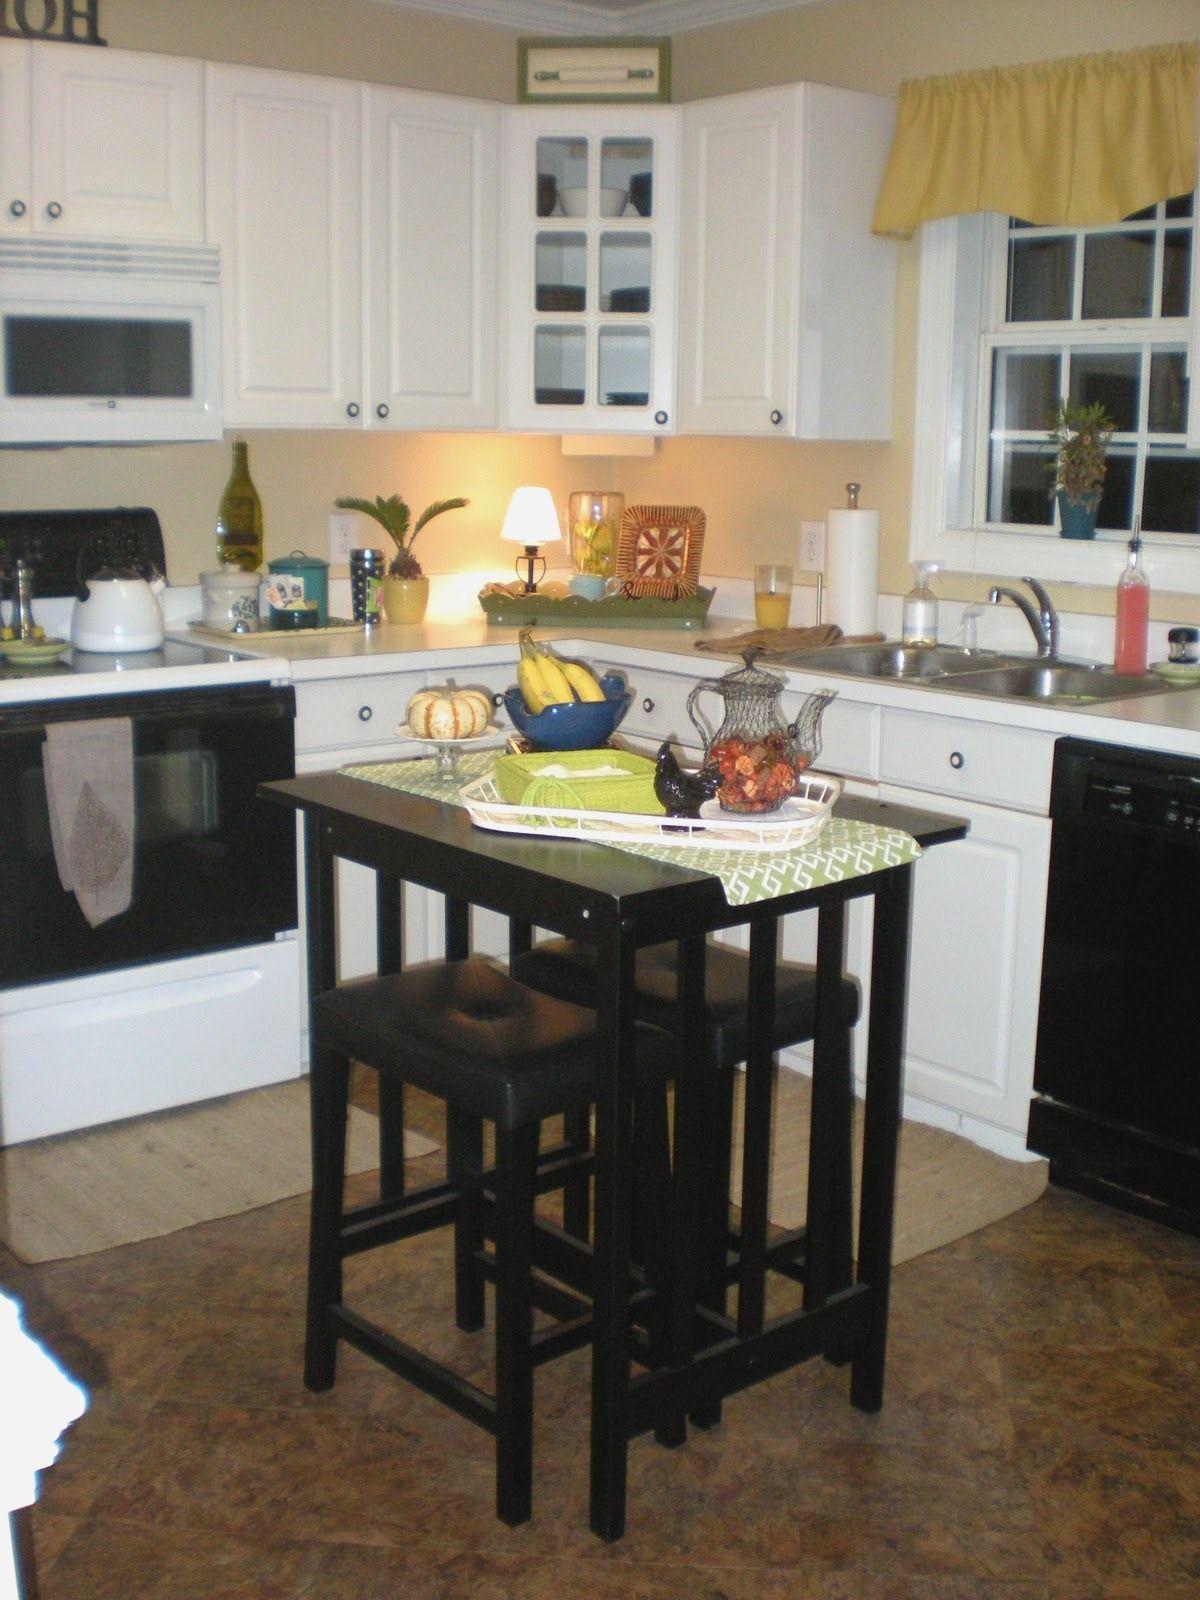 Groß Küchentisch Kücheninsel Ideen Küchen Design Küche